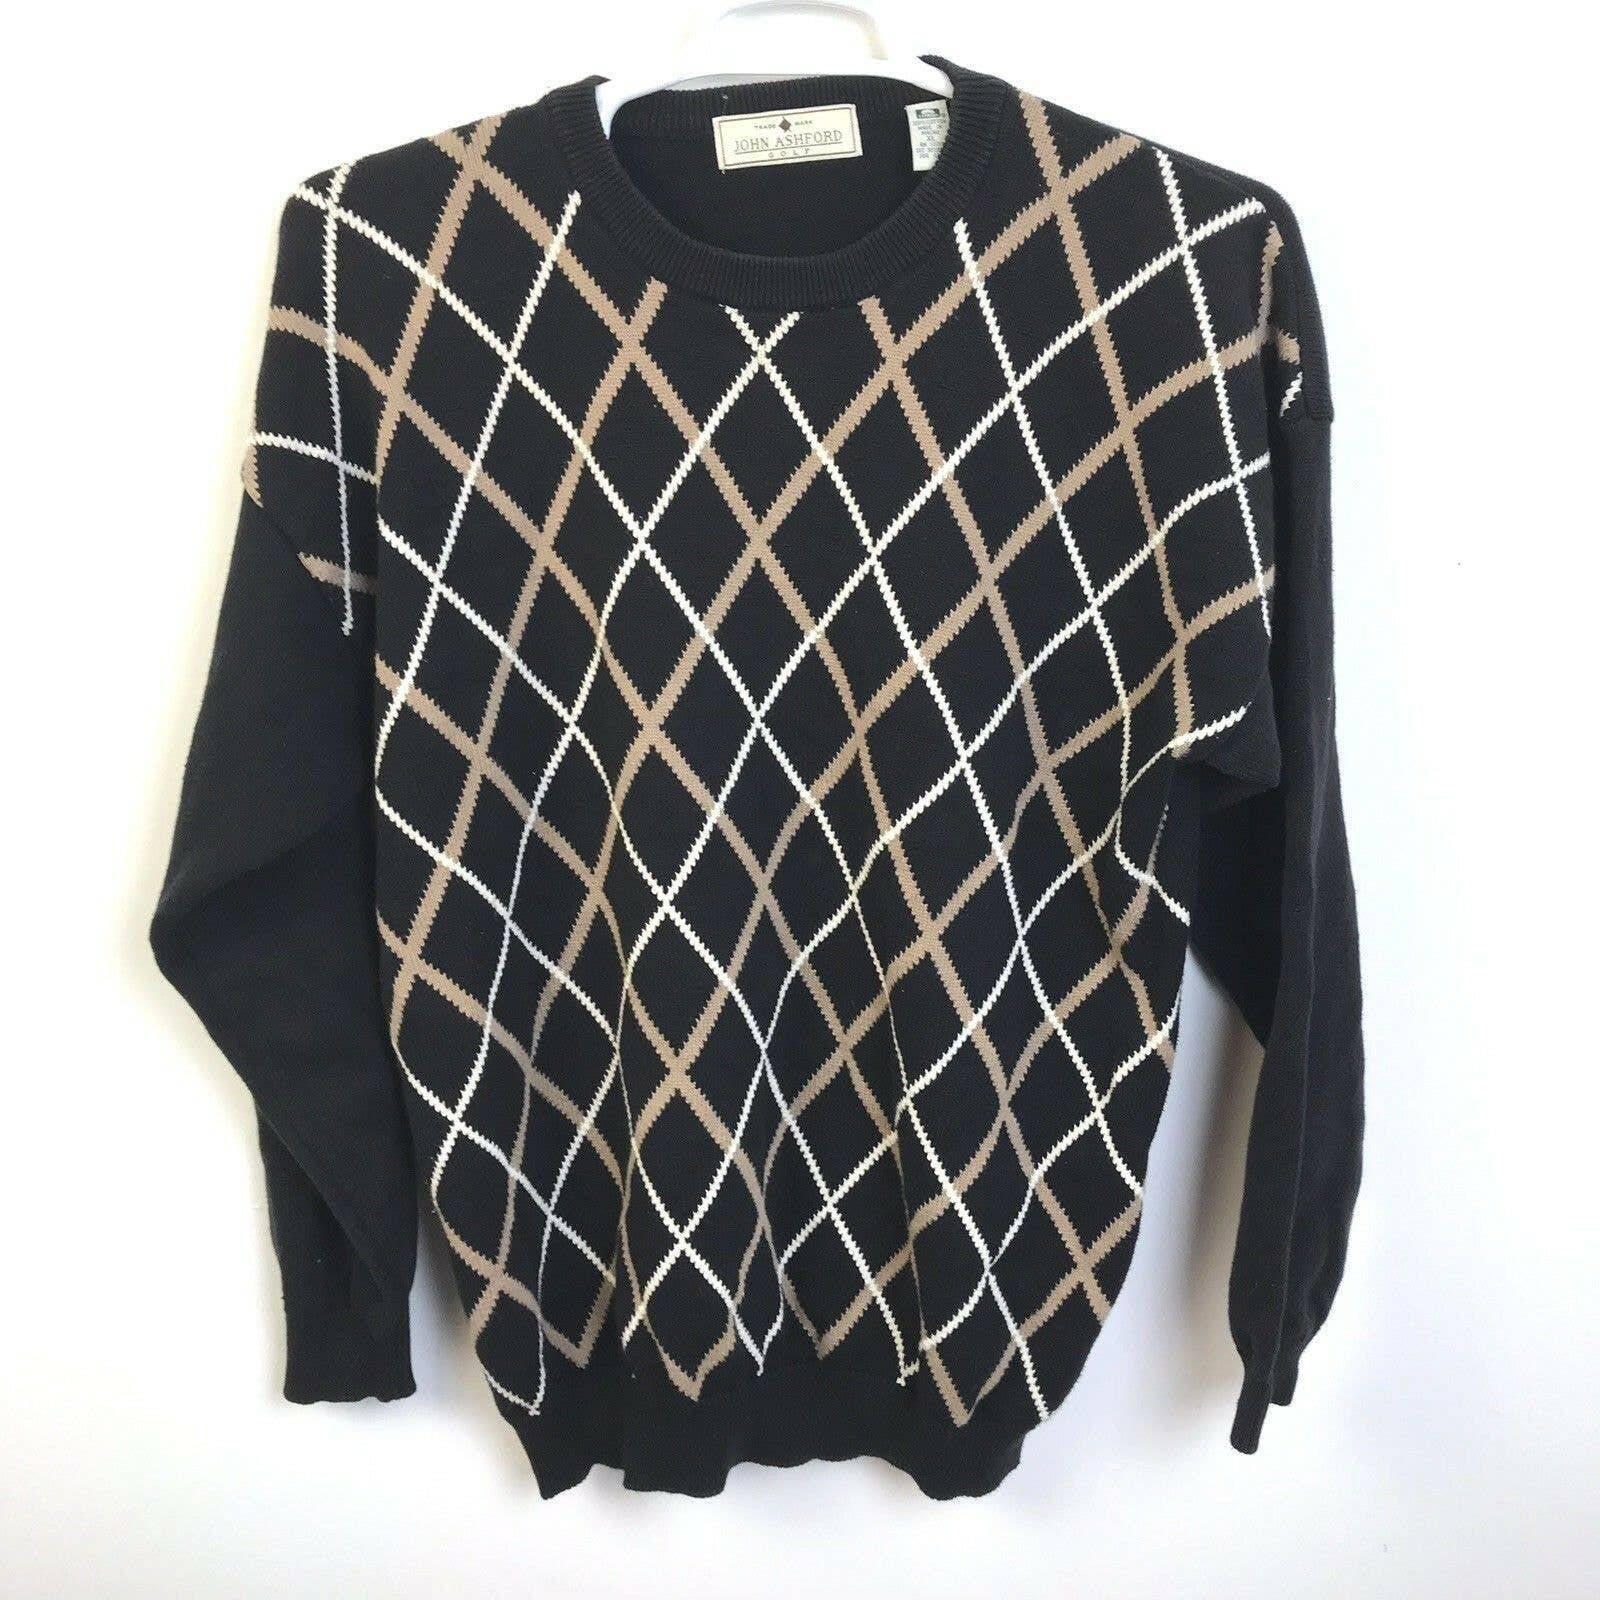 John Ashford Golf Sweater, Size XL